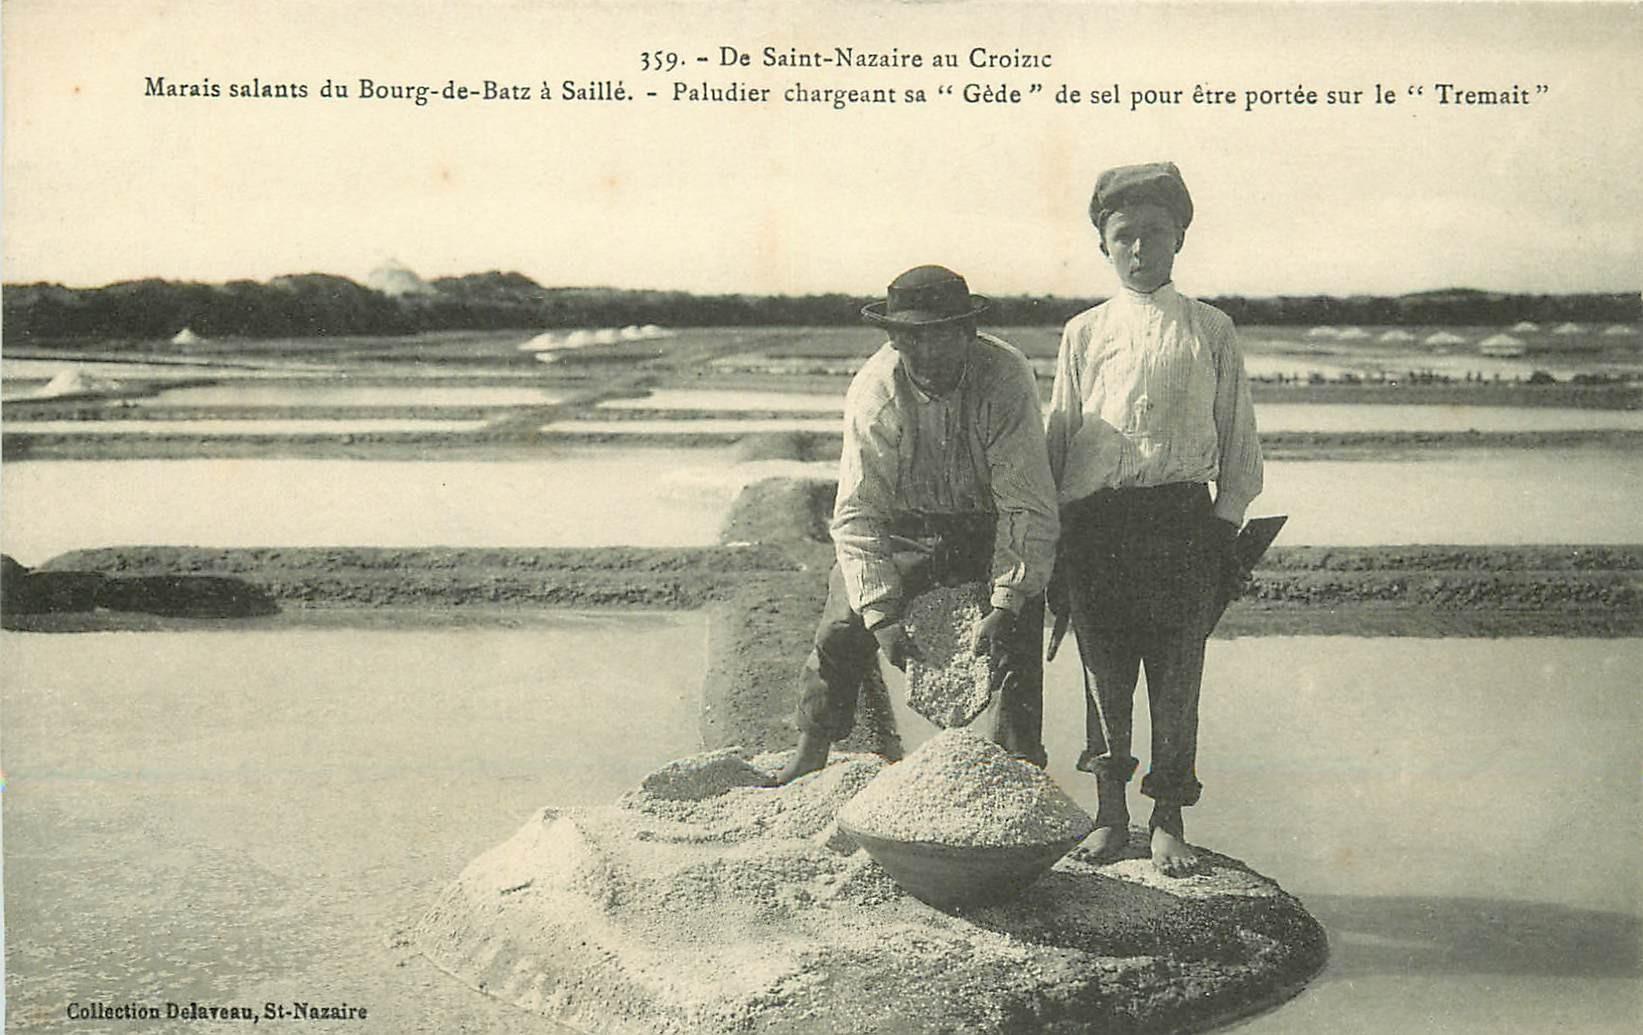 44 Marais salants du Bourg-de-Batz à Saillé. Paludier chargeant sa Gède de sel portée sur le Tremait